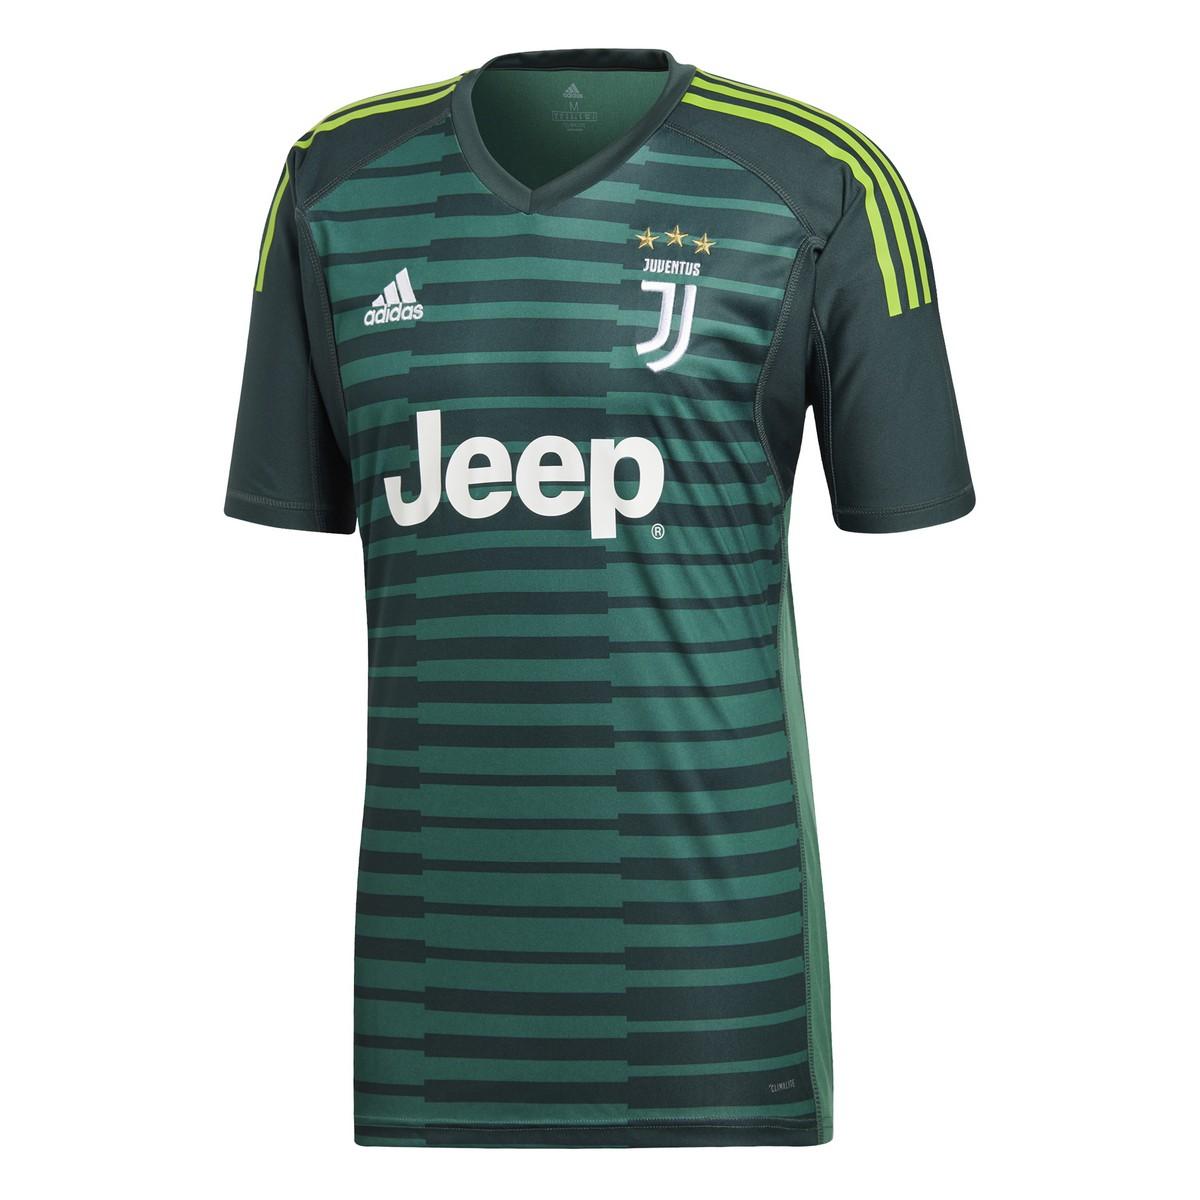 687943871f4 Juventus goalkeeper shirt green 2018 19 Adidas